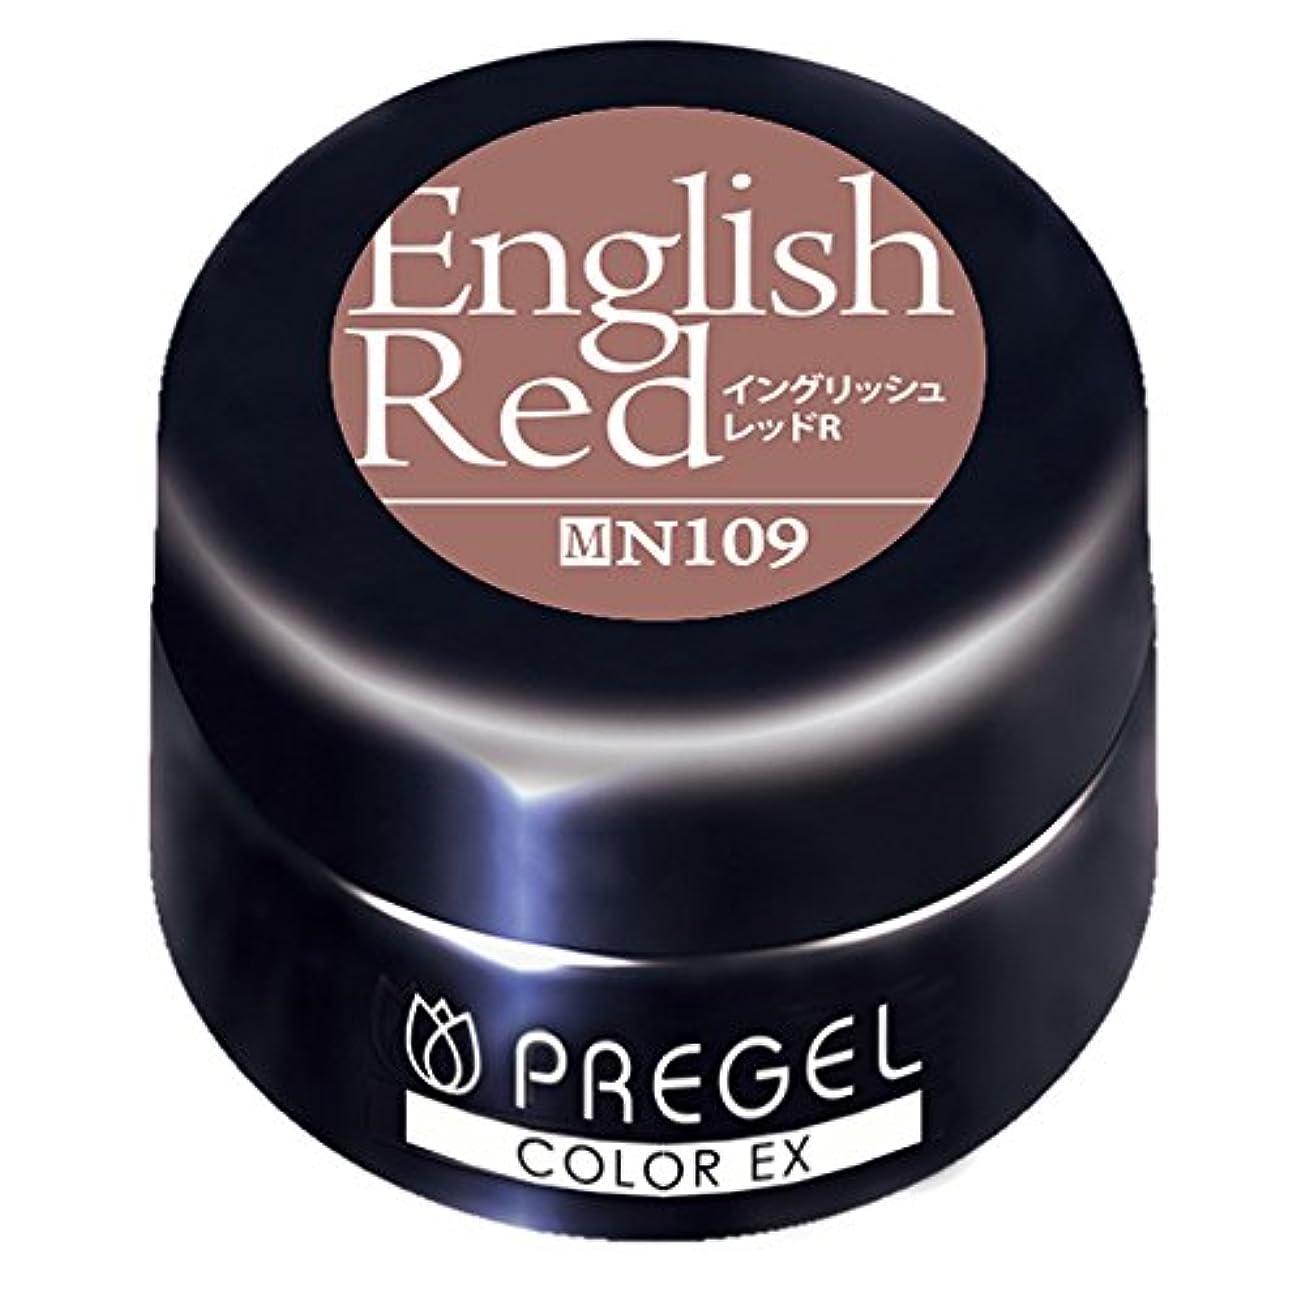 わざわざ乳剤スキャンダルPRE GEL カラージェル カラーEX イングリッシュレッド R109 3g UV/LED対応タイオウ